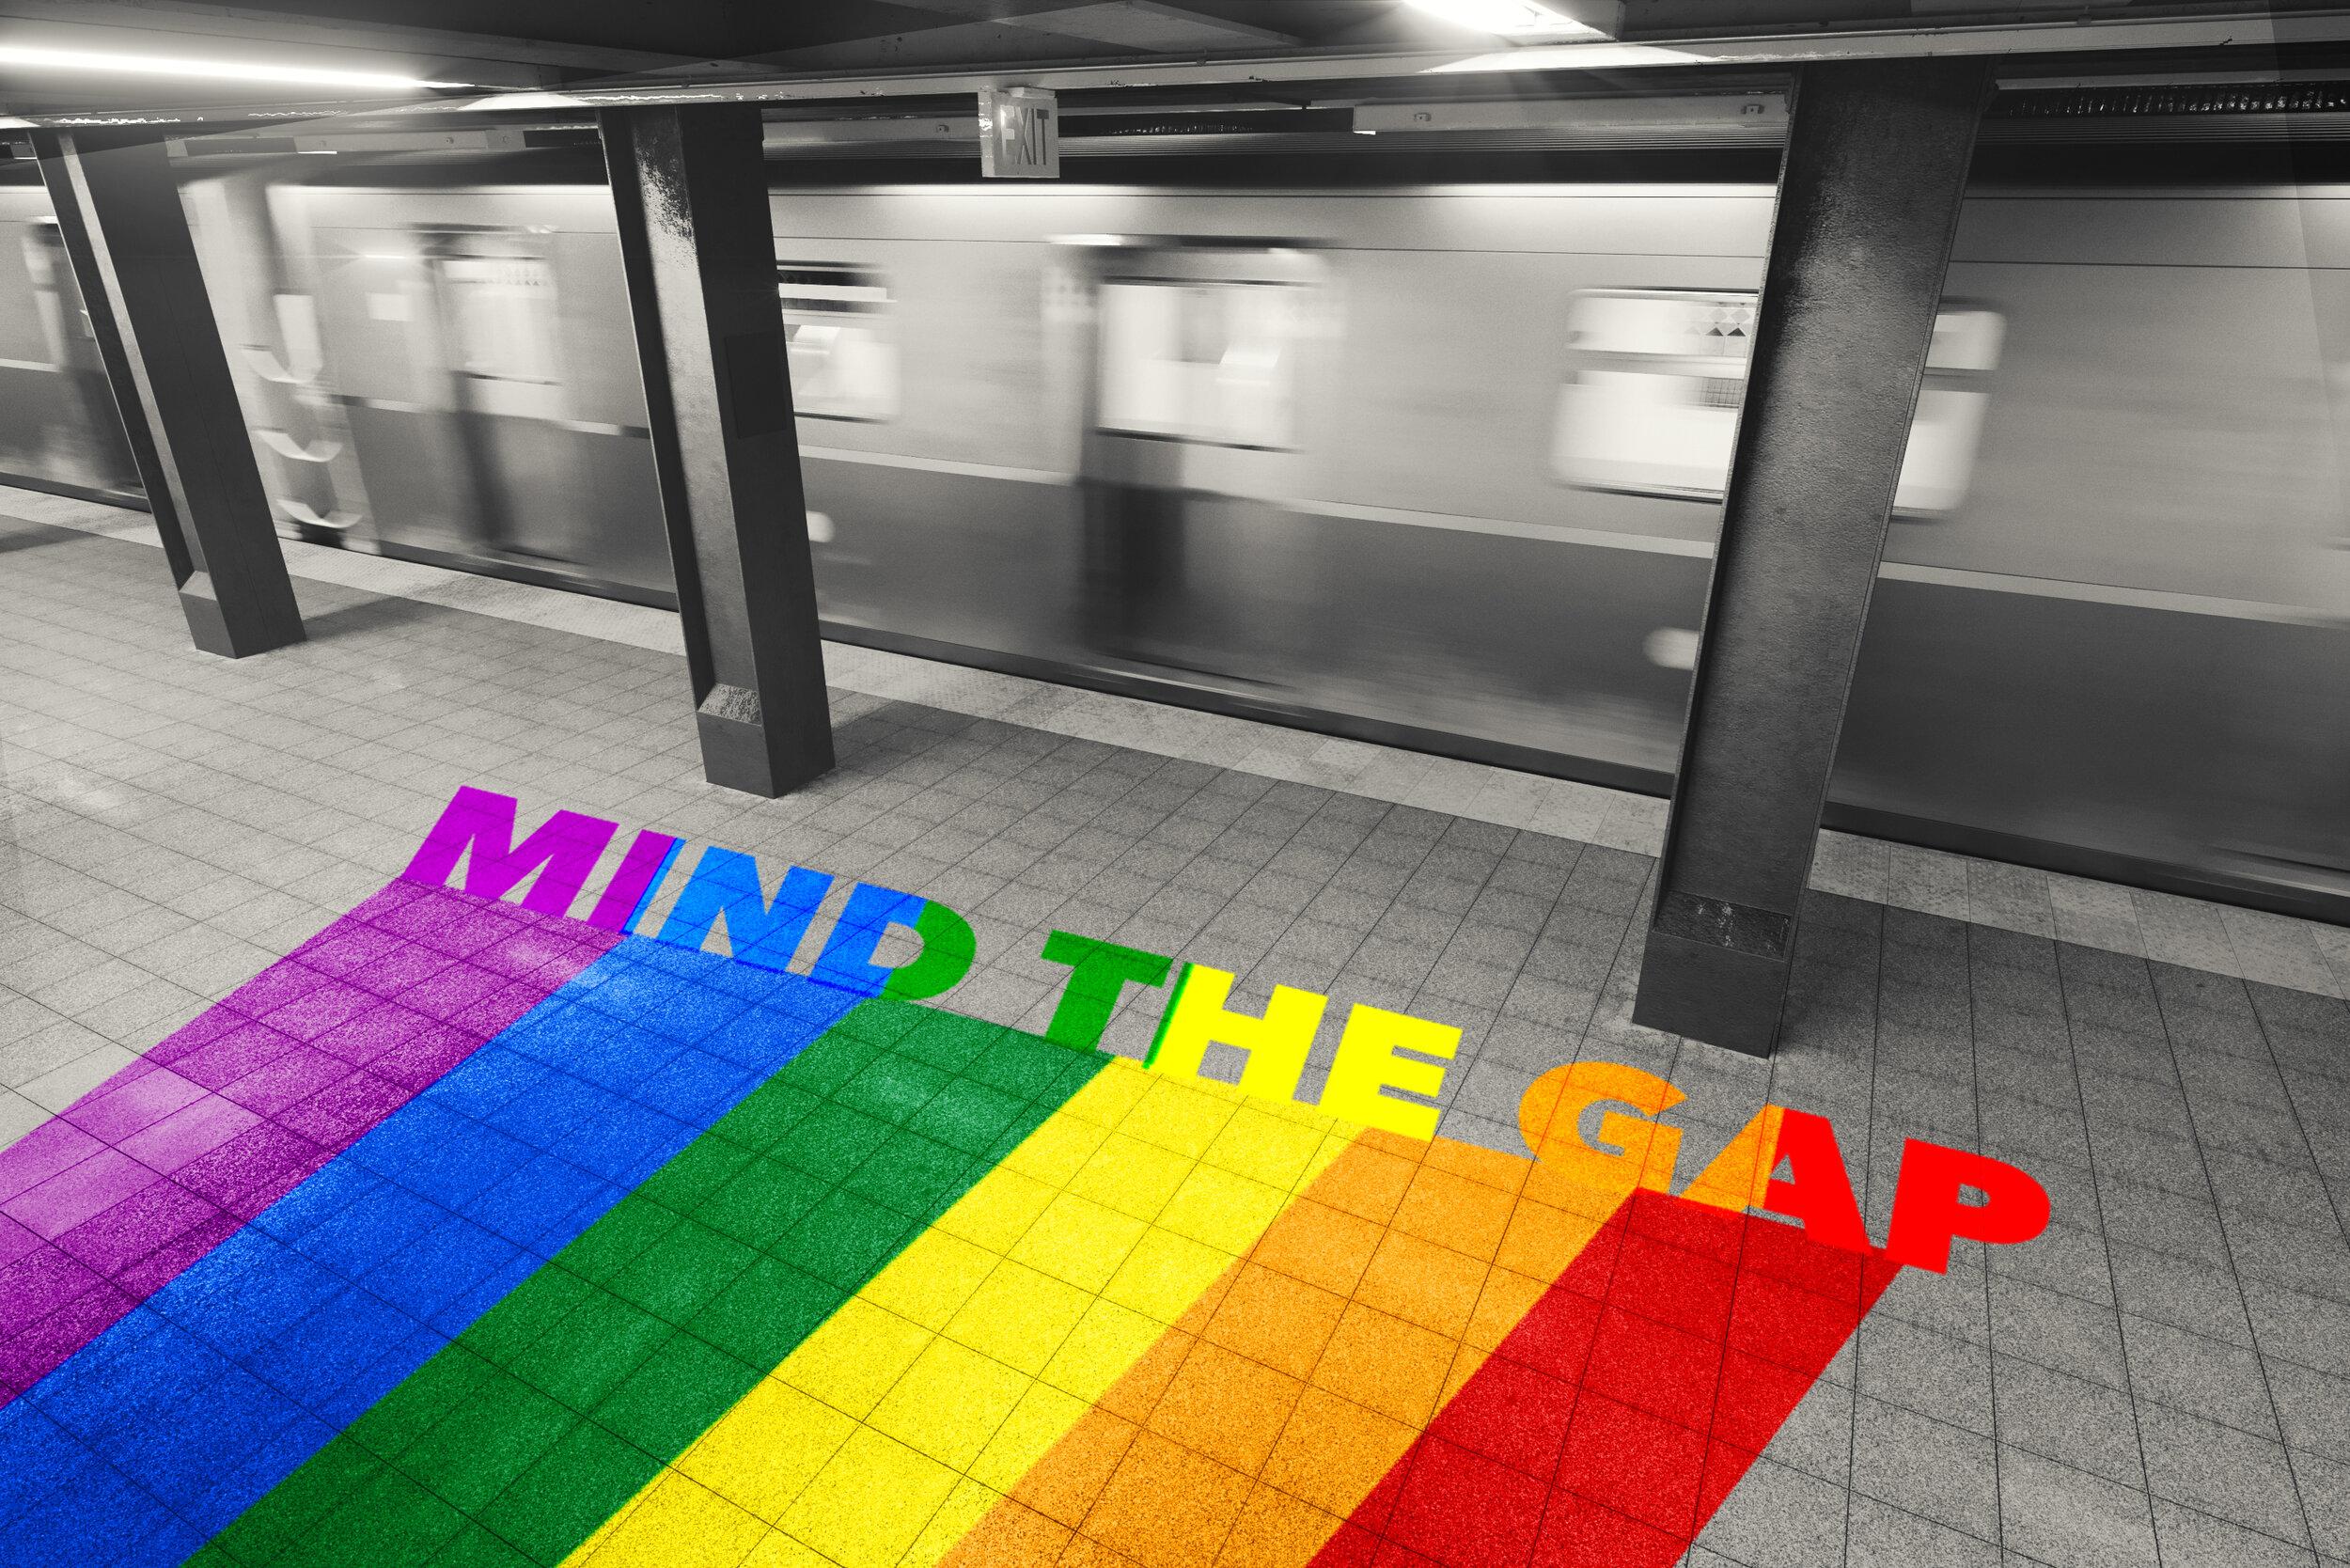 subway_shot05.jpg